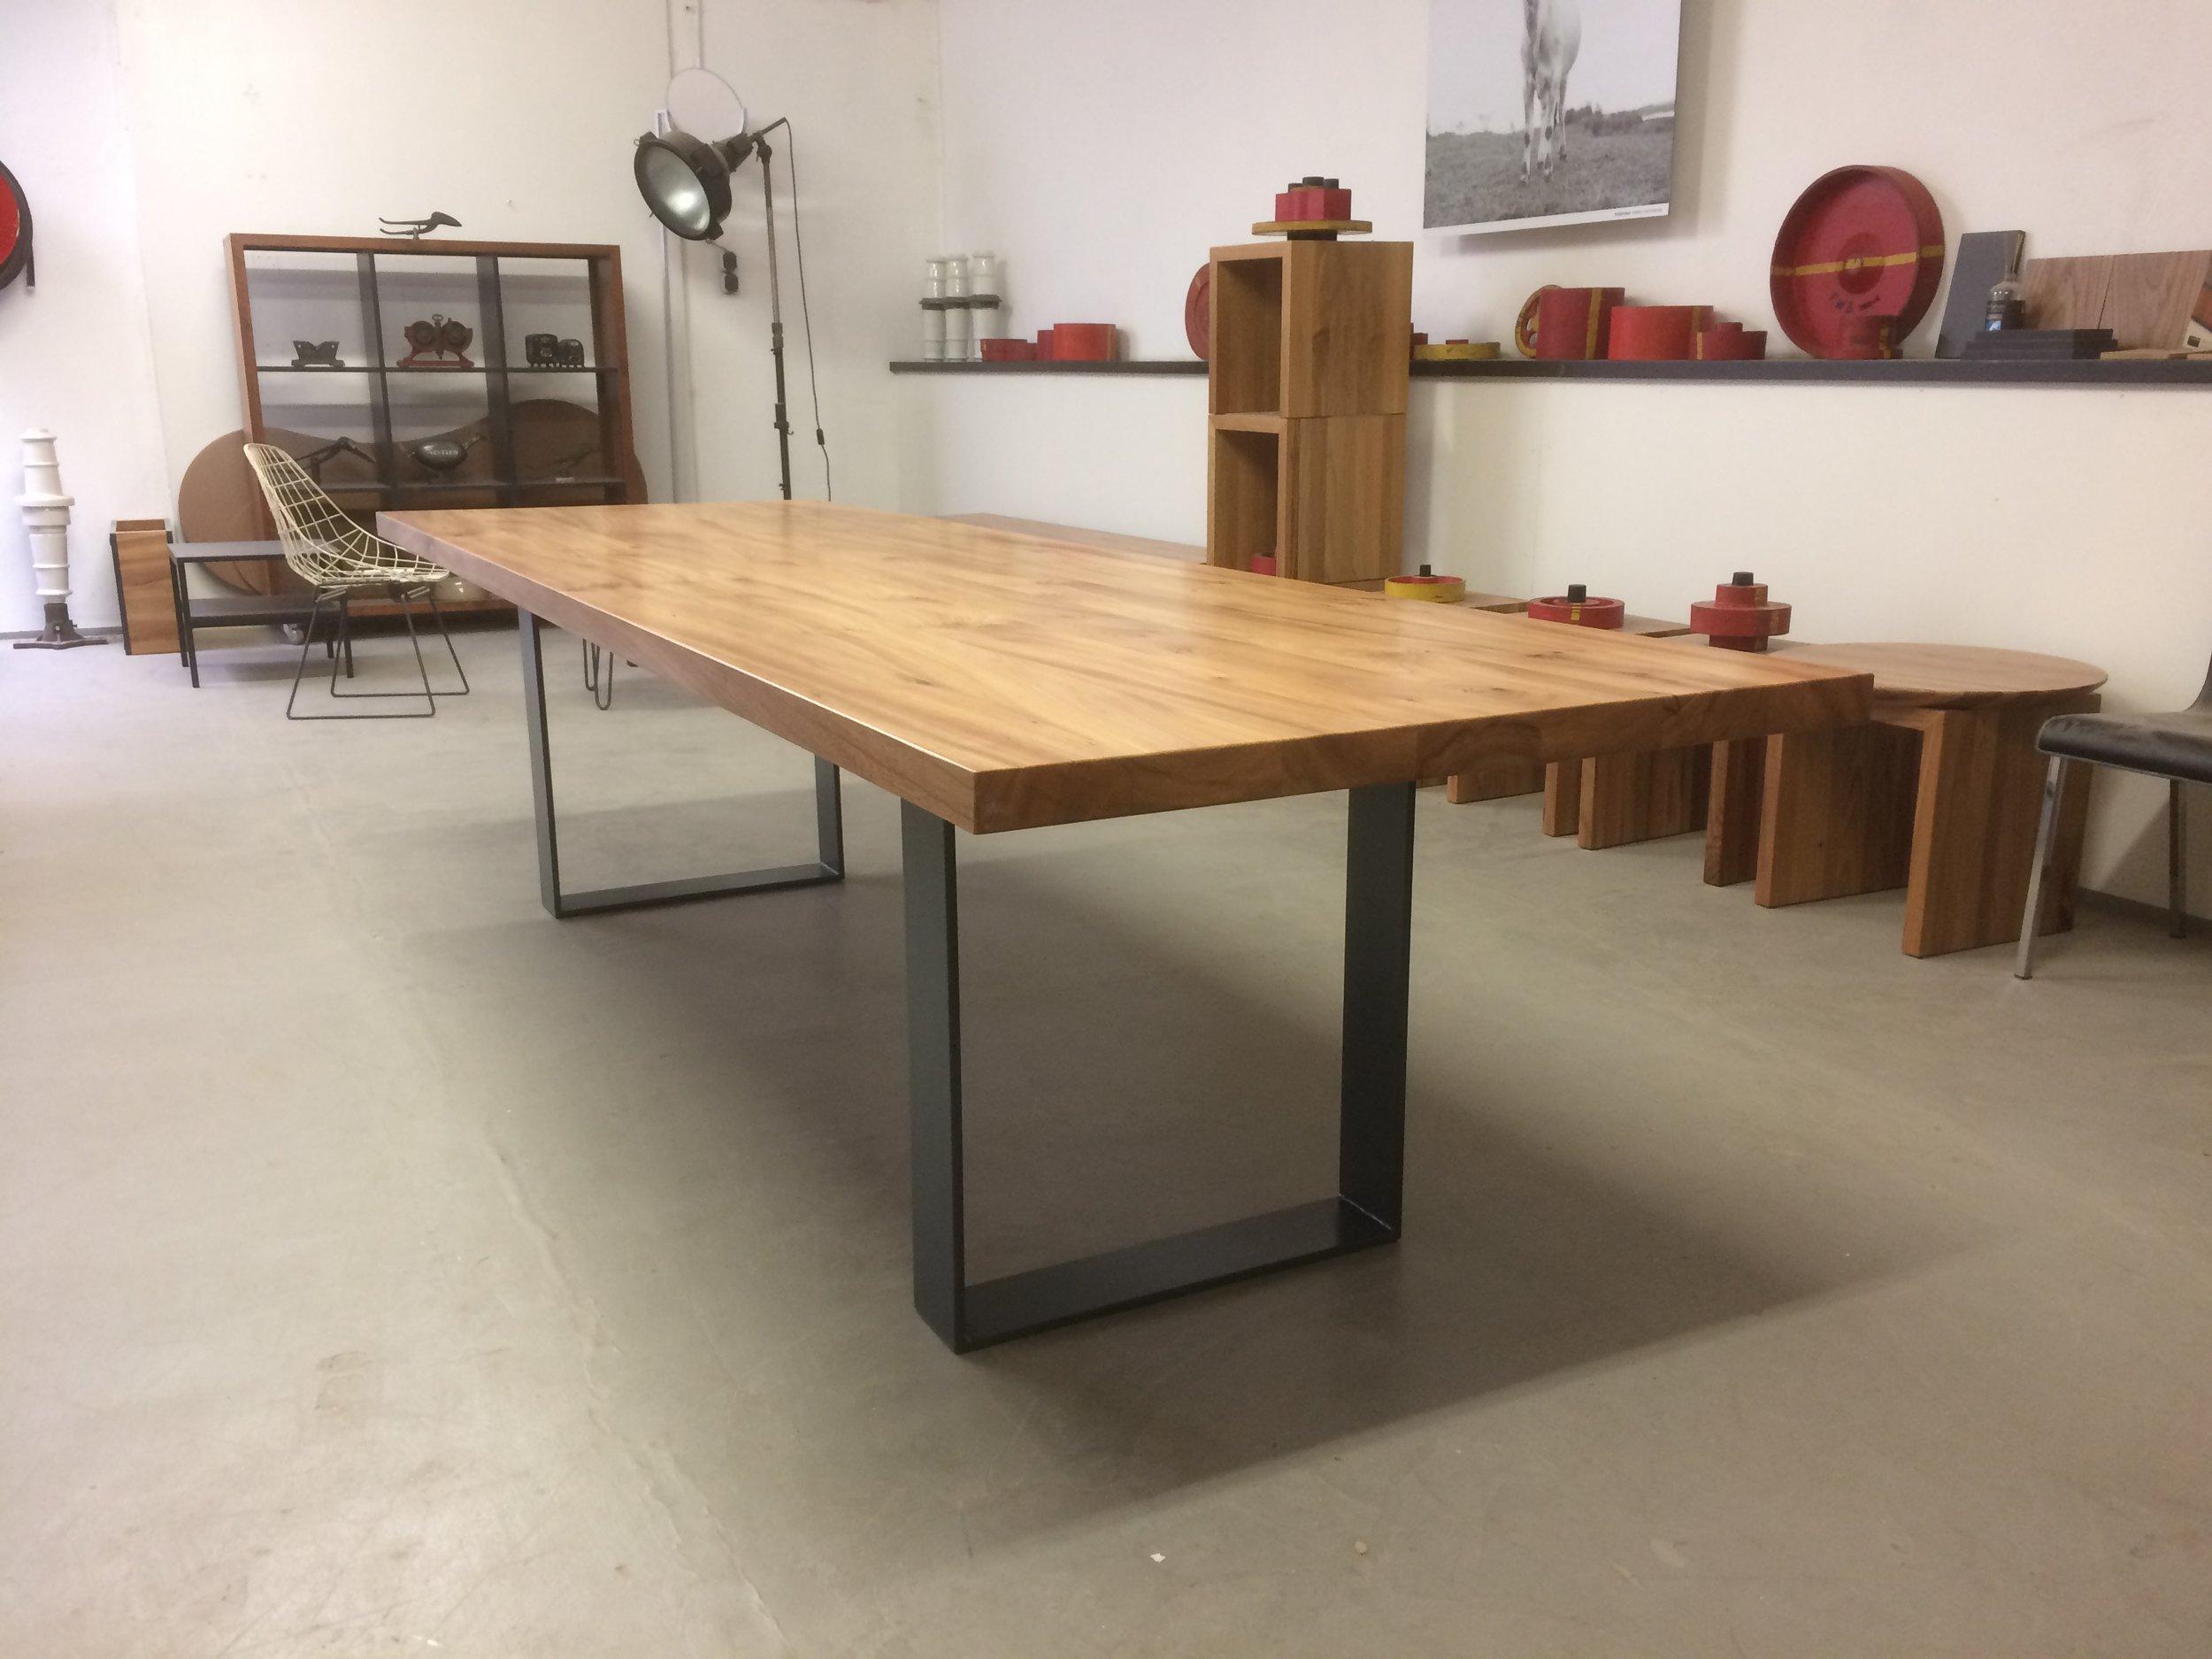 Kufentisch Oscar aus Rüster und Stahl in 300 x 93 cm 2500 Euro